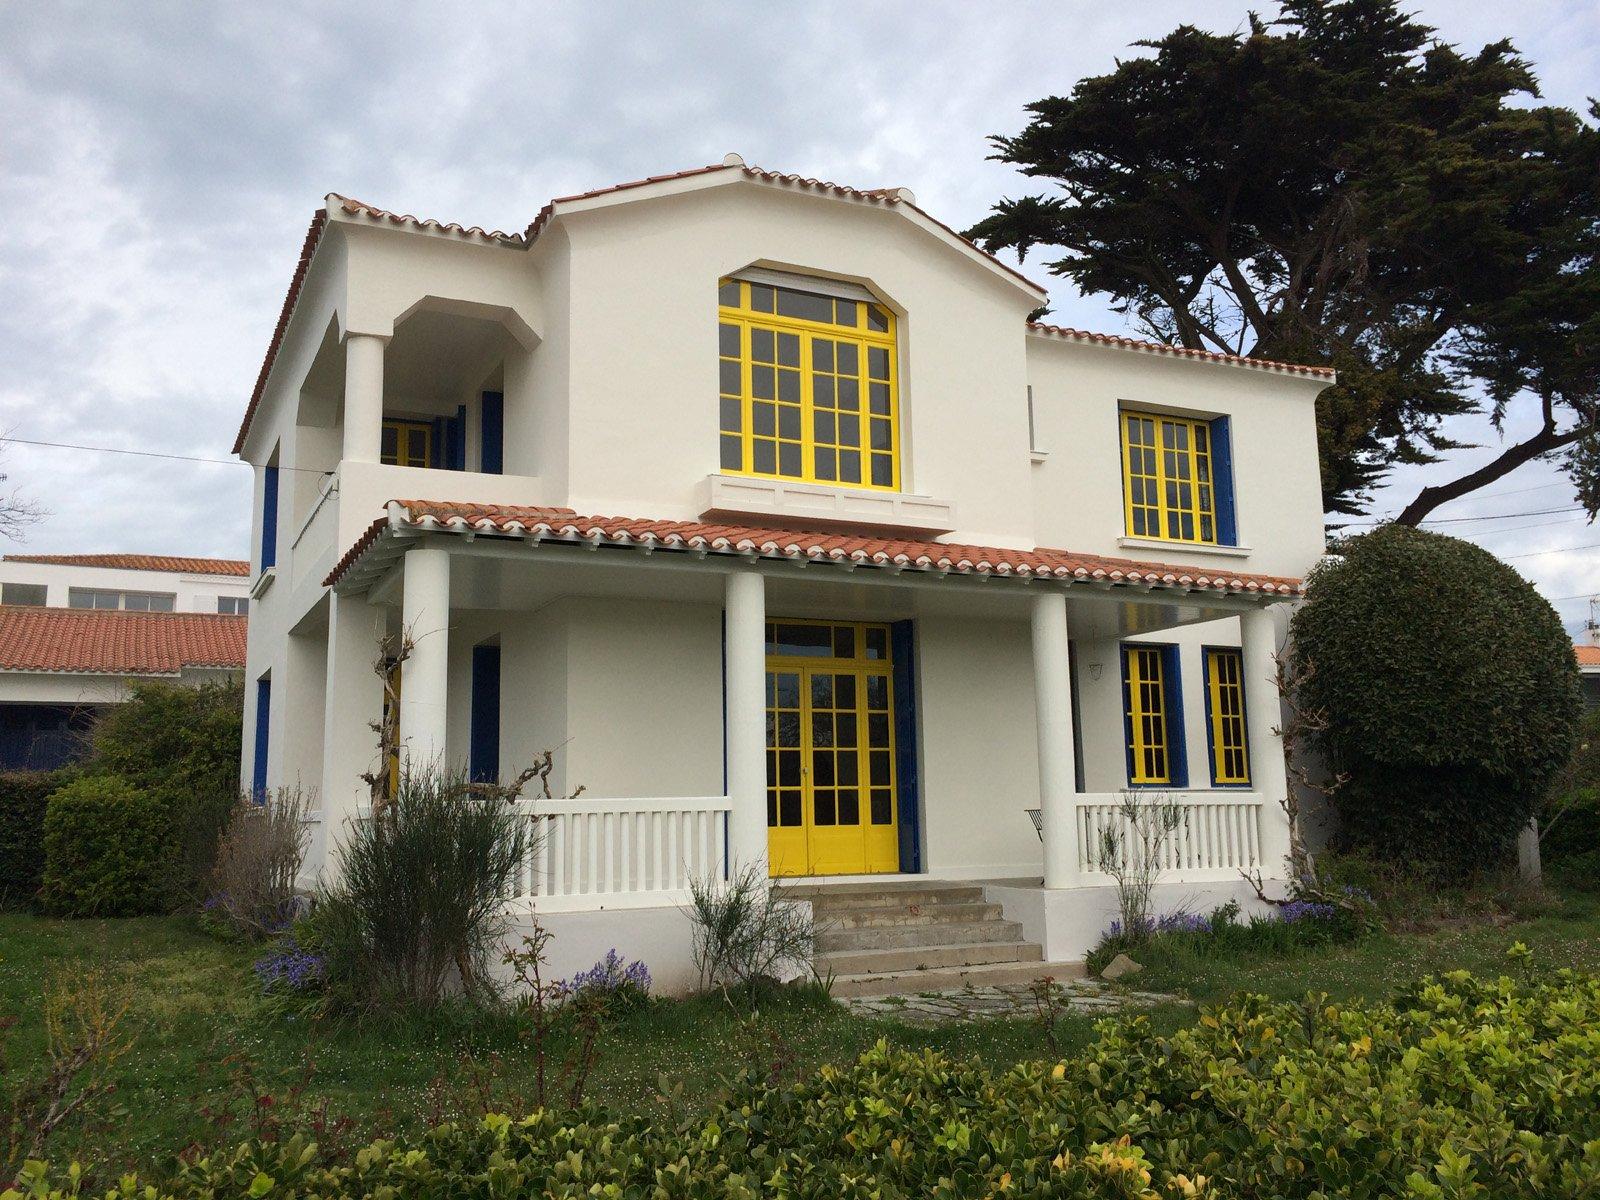 Ravalement de la façade d'une grande maison par l'entreprise ROGER SAS en Loire Atlantique